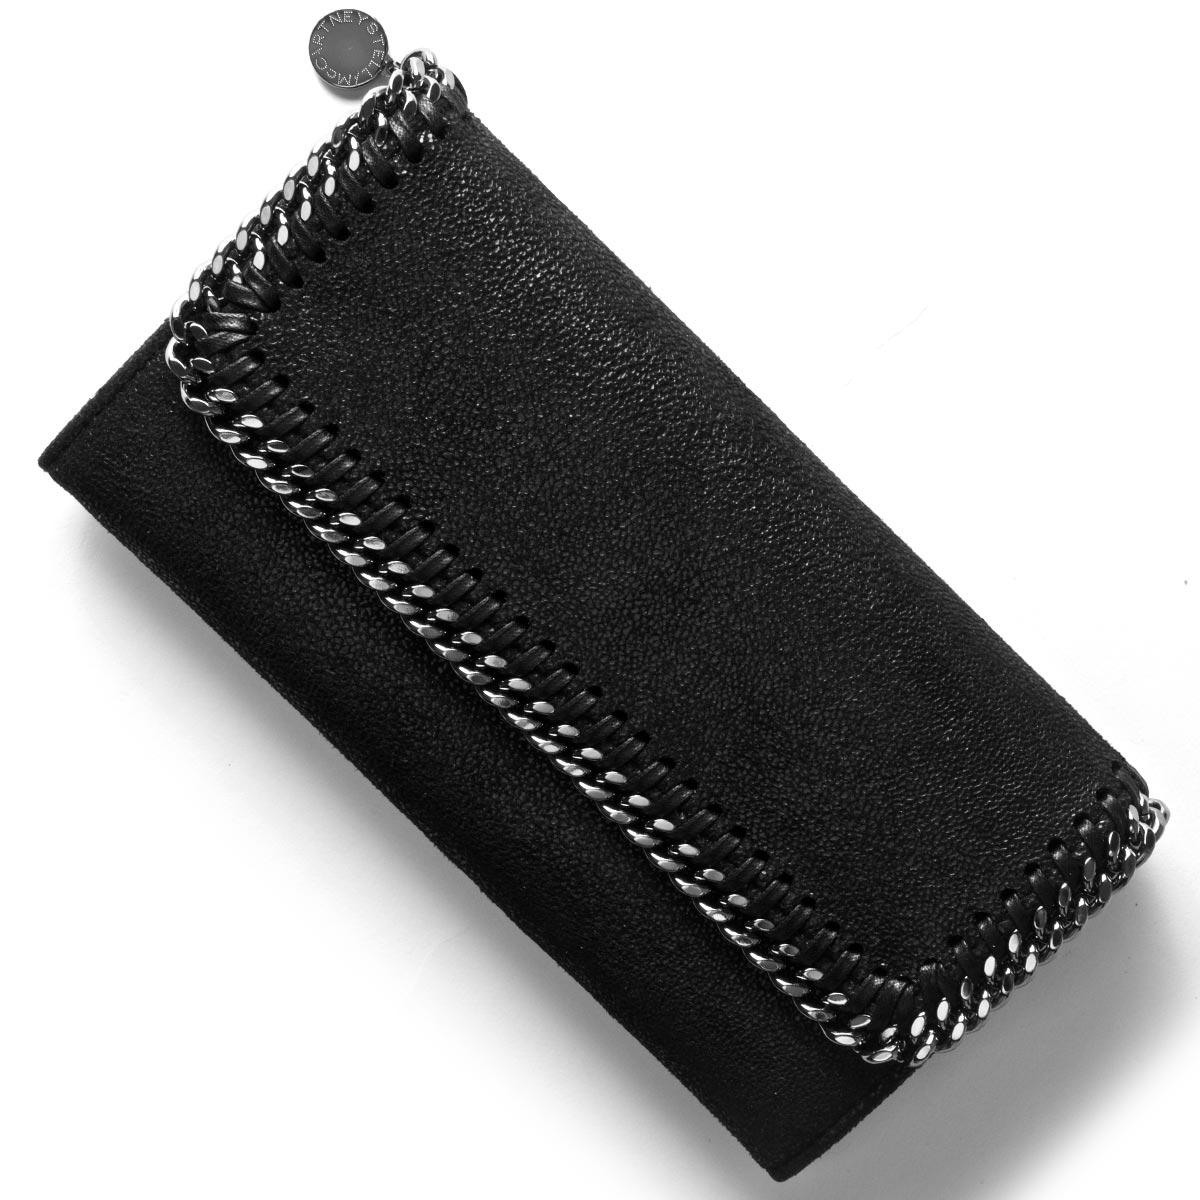 ステラマッカートニー 長財布 財布 レディース ファラベラ FALABELLA ブラック 430999 W9132 1000 STELLA McCARTHNEY